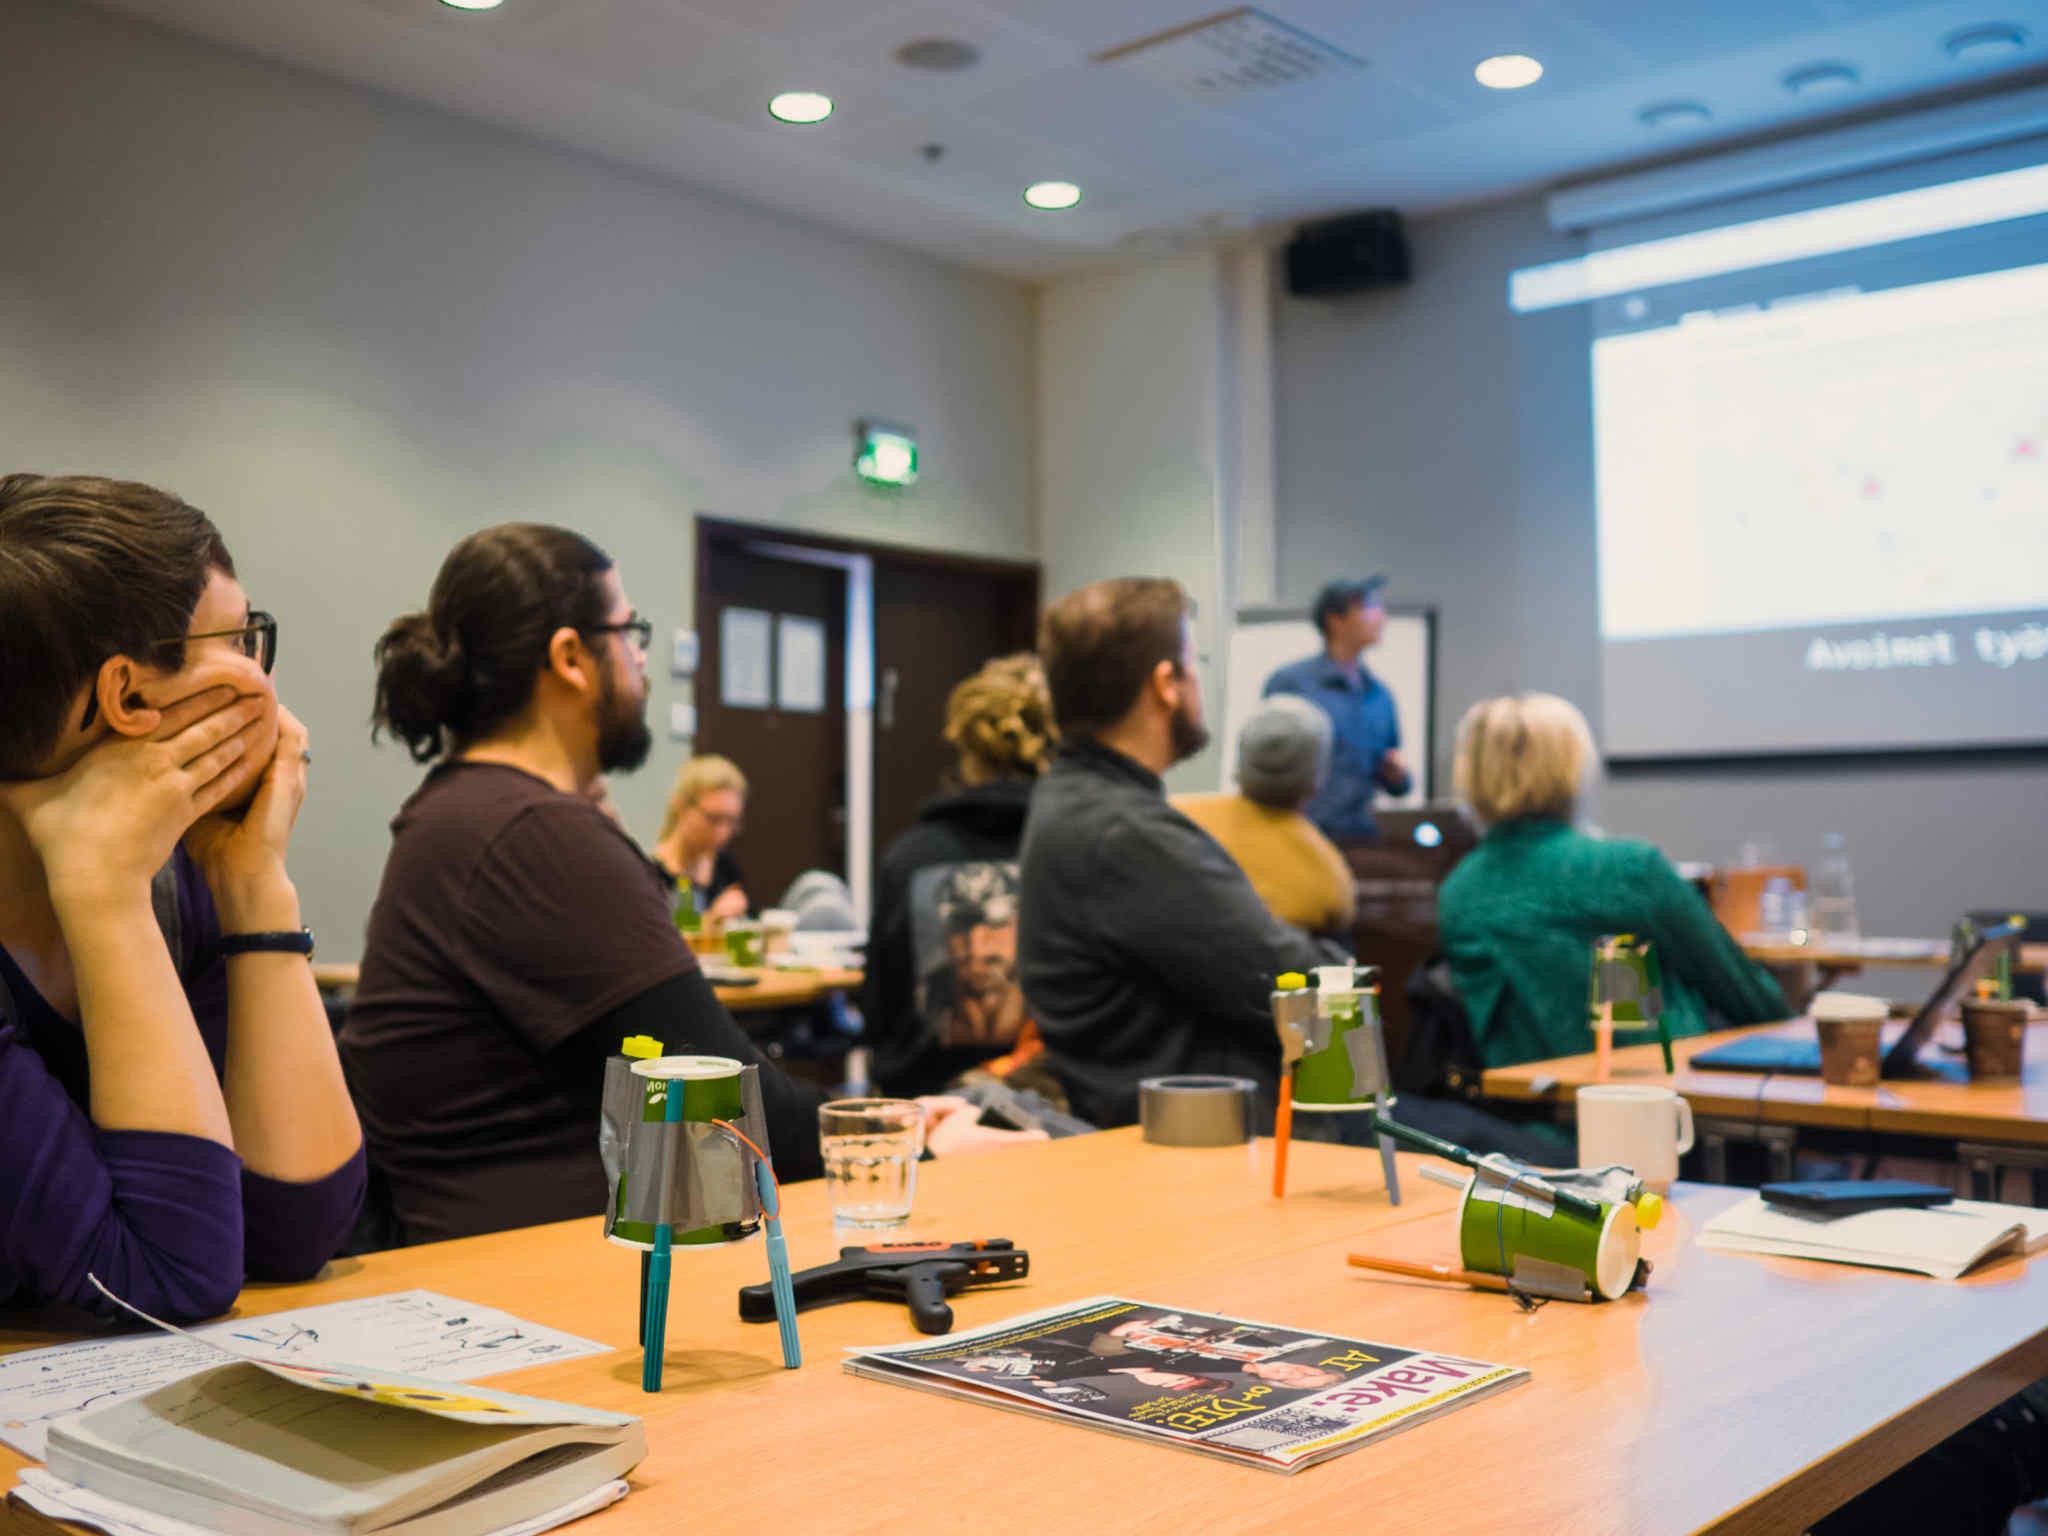 Elektronik-koulutuskiertue Verke 2018